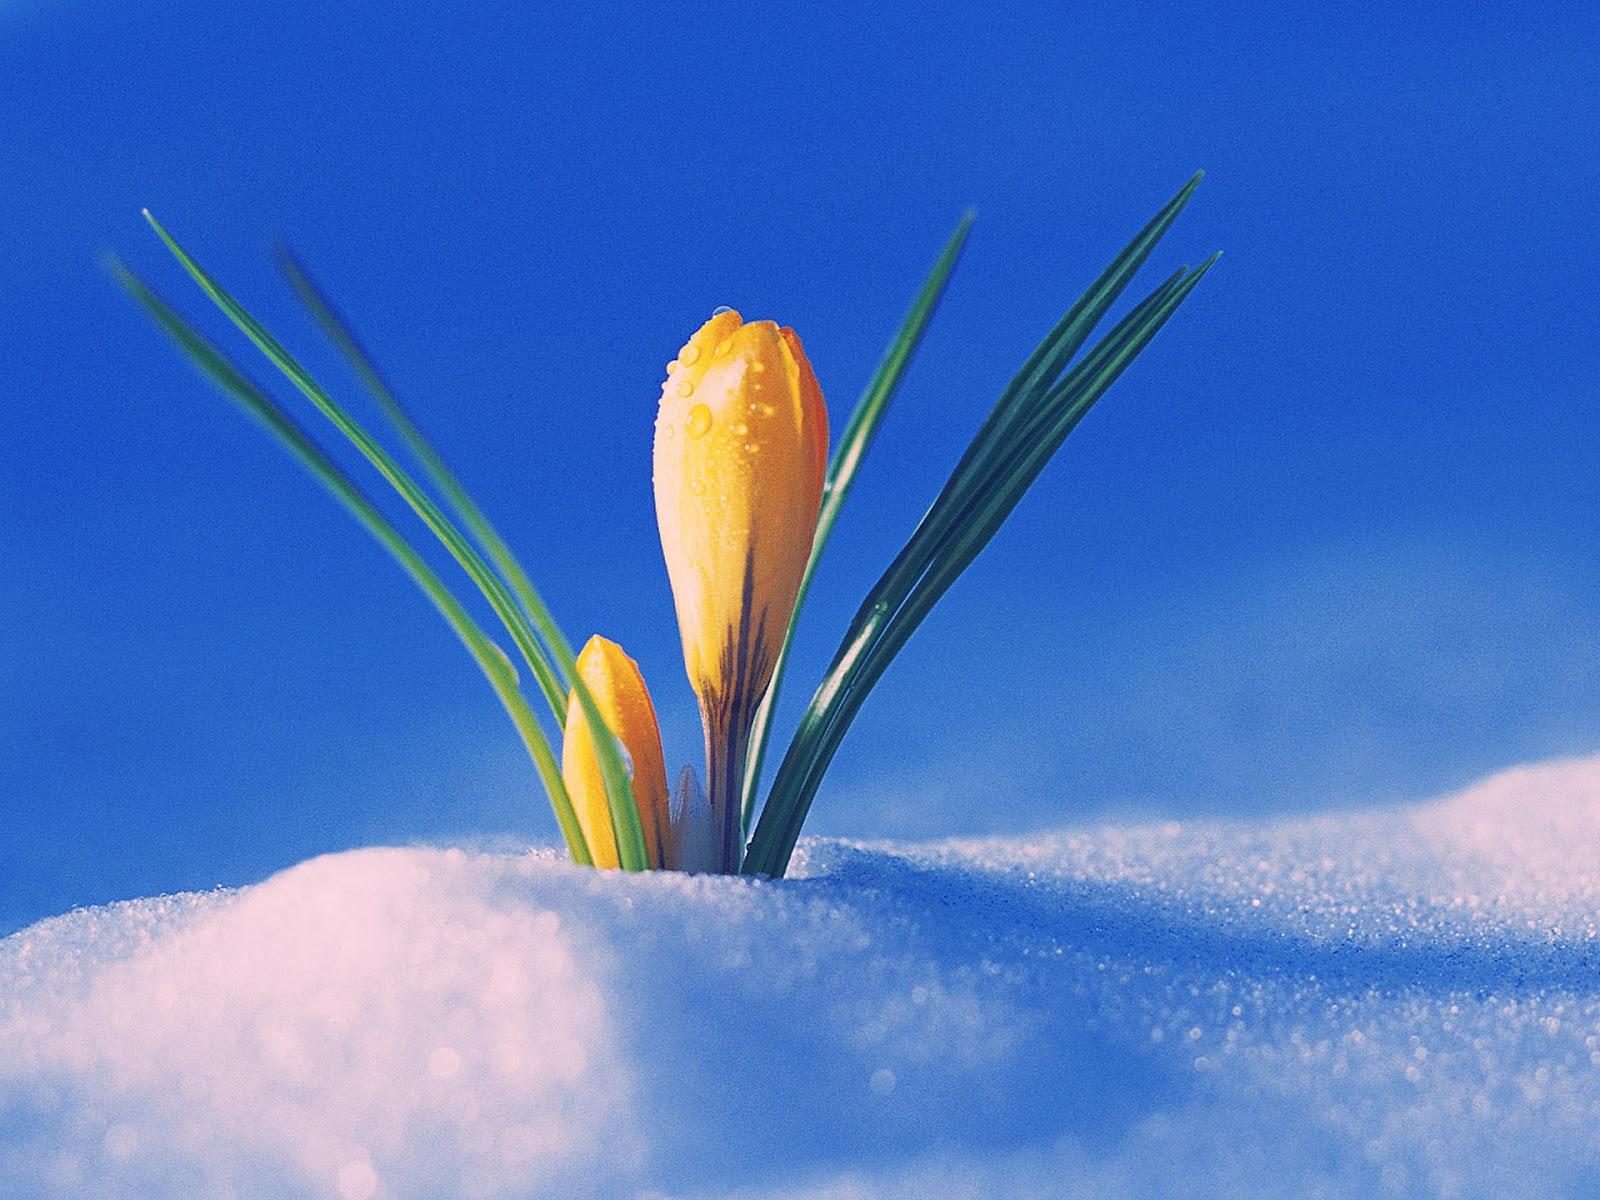 lente achtergronden hd - photo #48